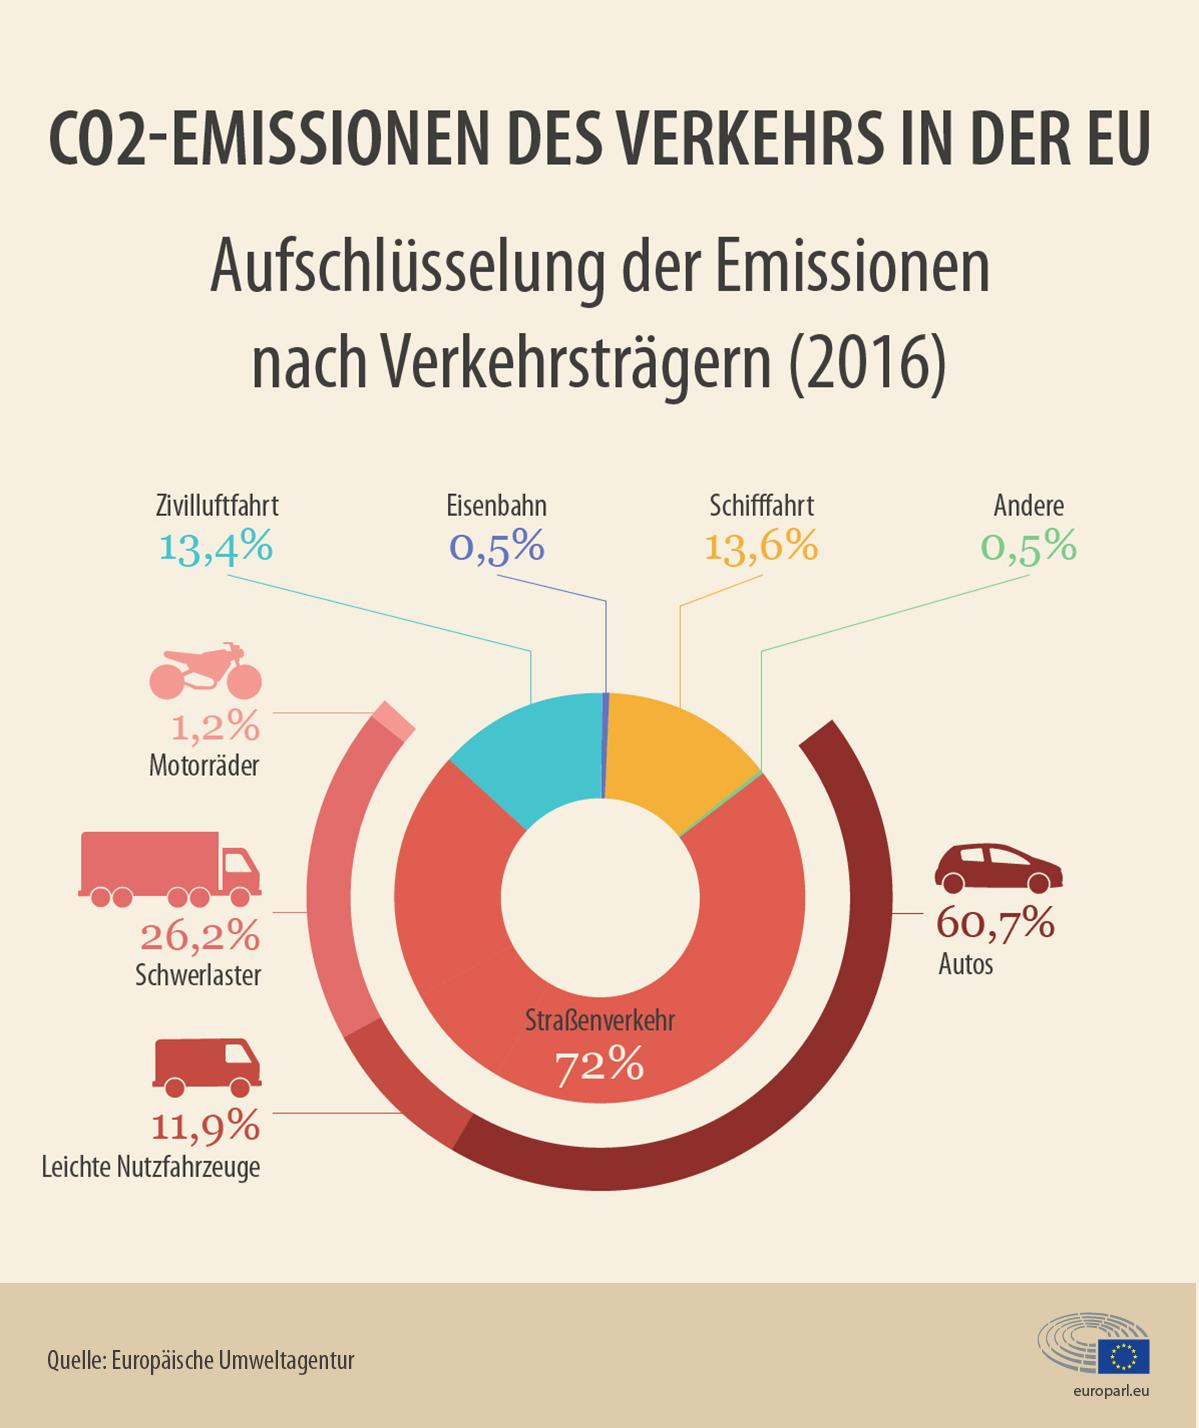 CO2-Emissionen von Autos: Zahlen und Fakten (Infografik) | Aktuelles |  Europäisches Parlament